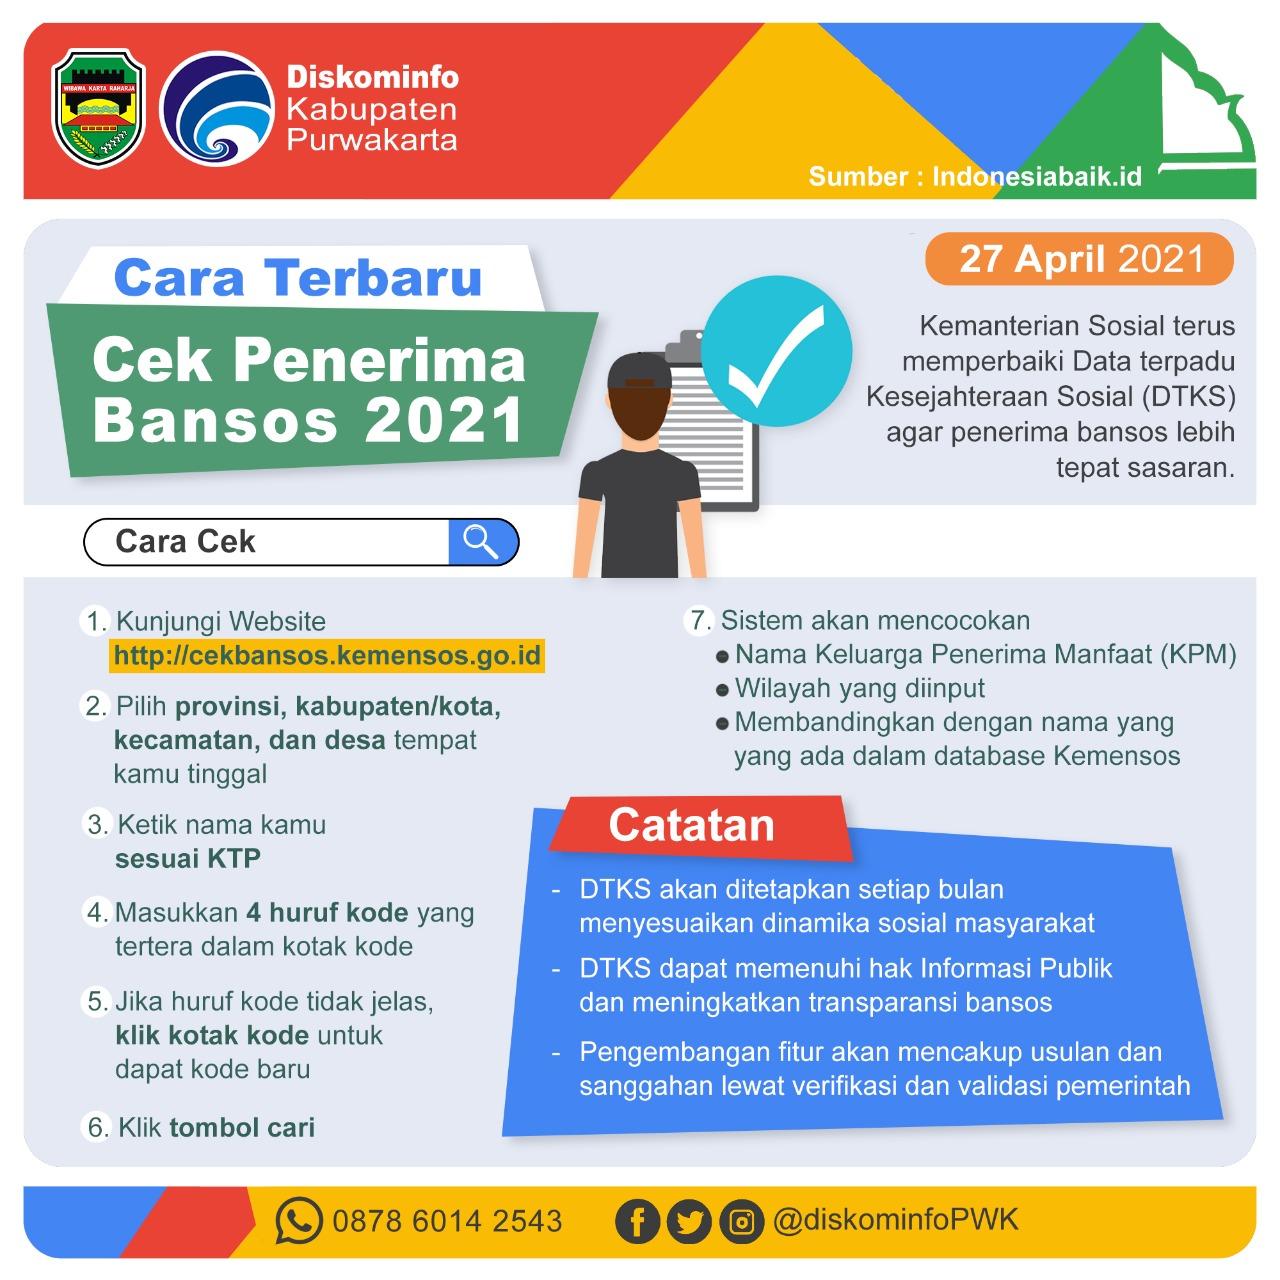 Cara Terbaru Cek Penerima Bansos 2021